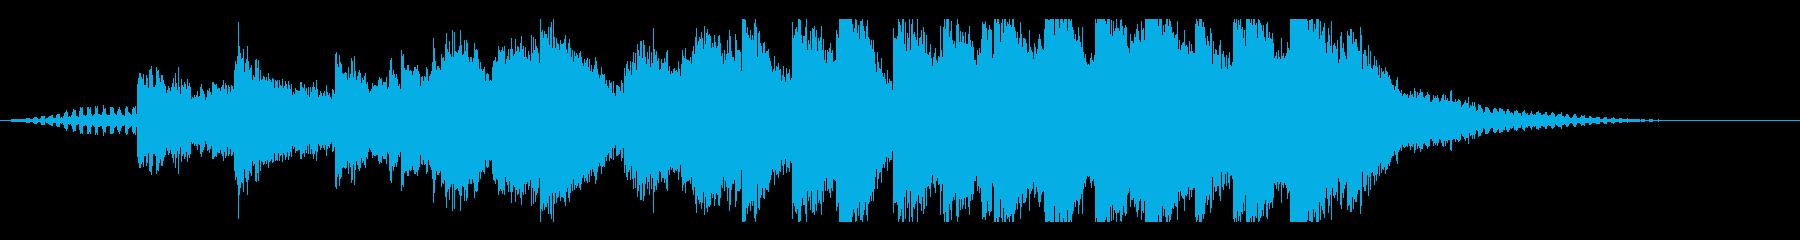 物悲しいシリアスなBGMの再生済みの波形